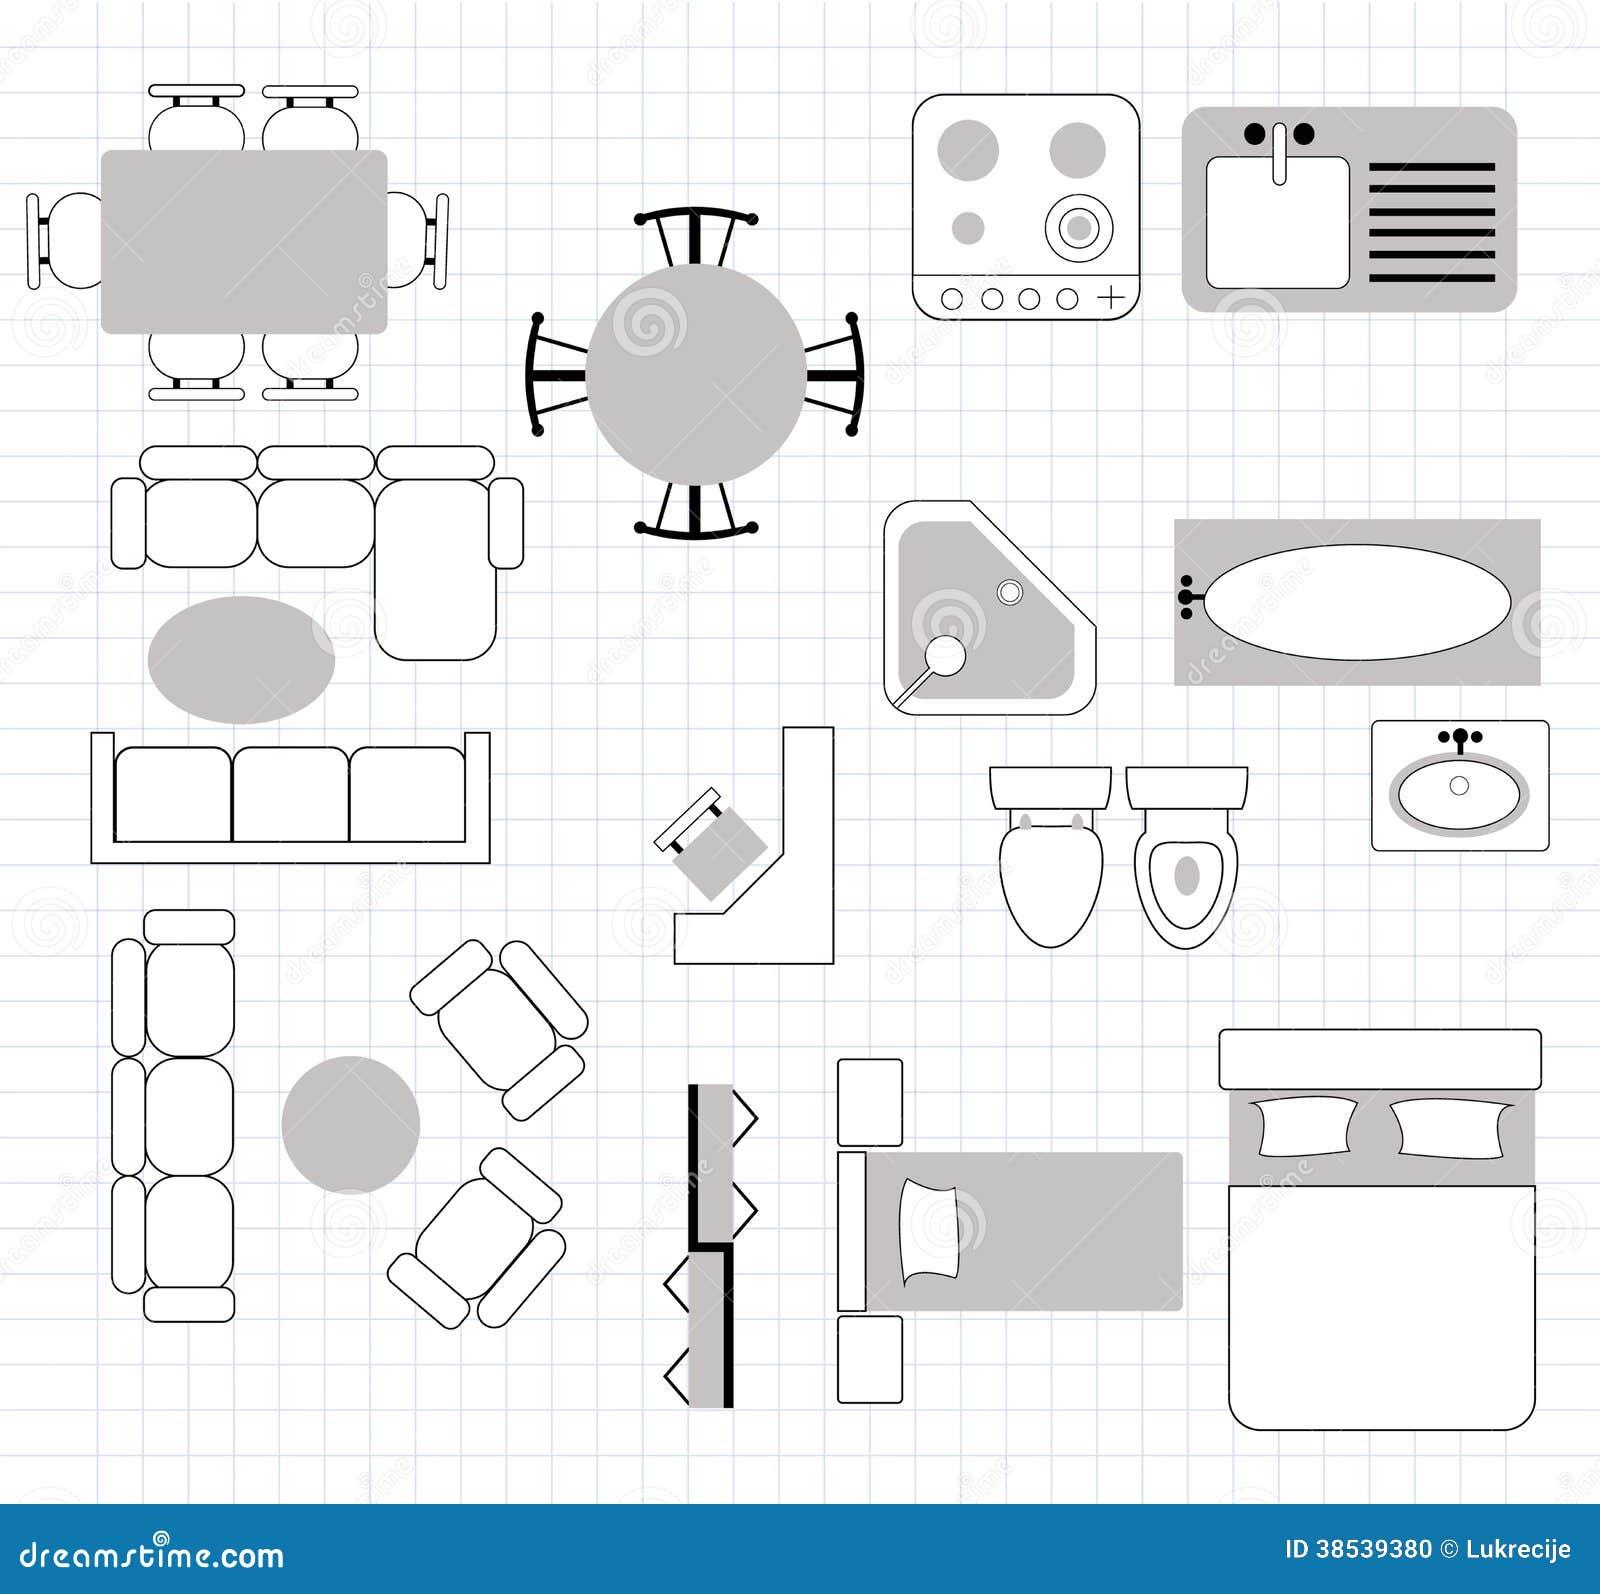 Grundriss zeichnen m bel verschiedene for Raumgestaltung zeichnen